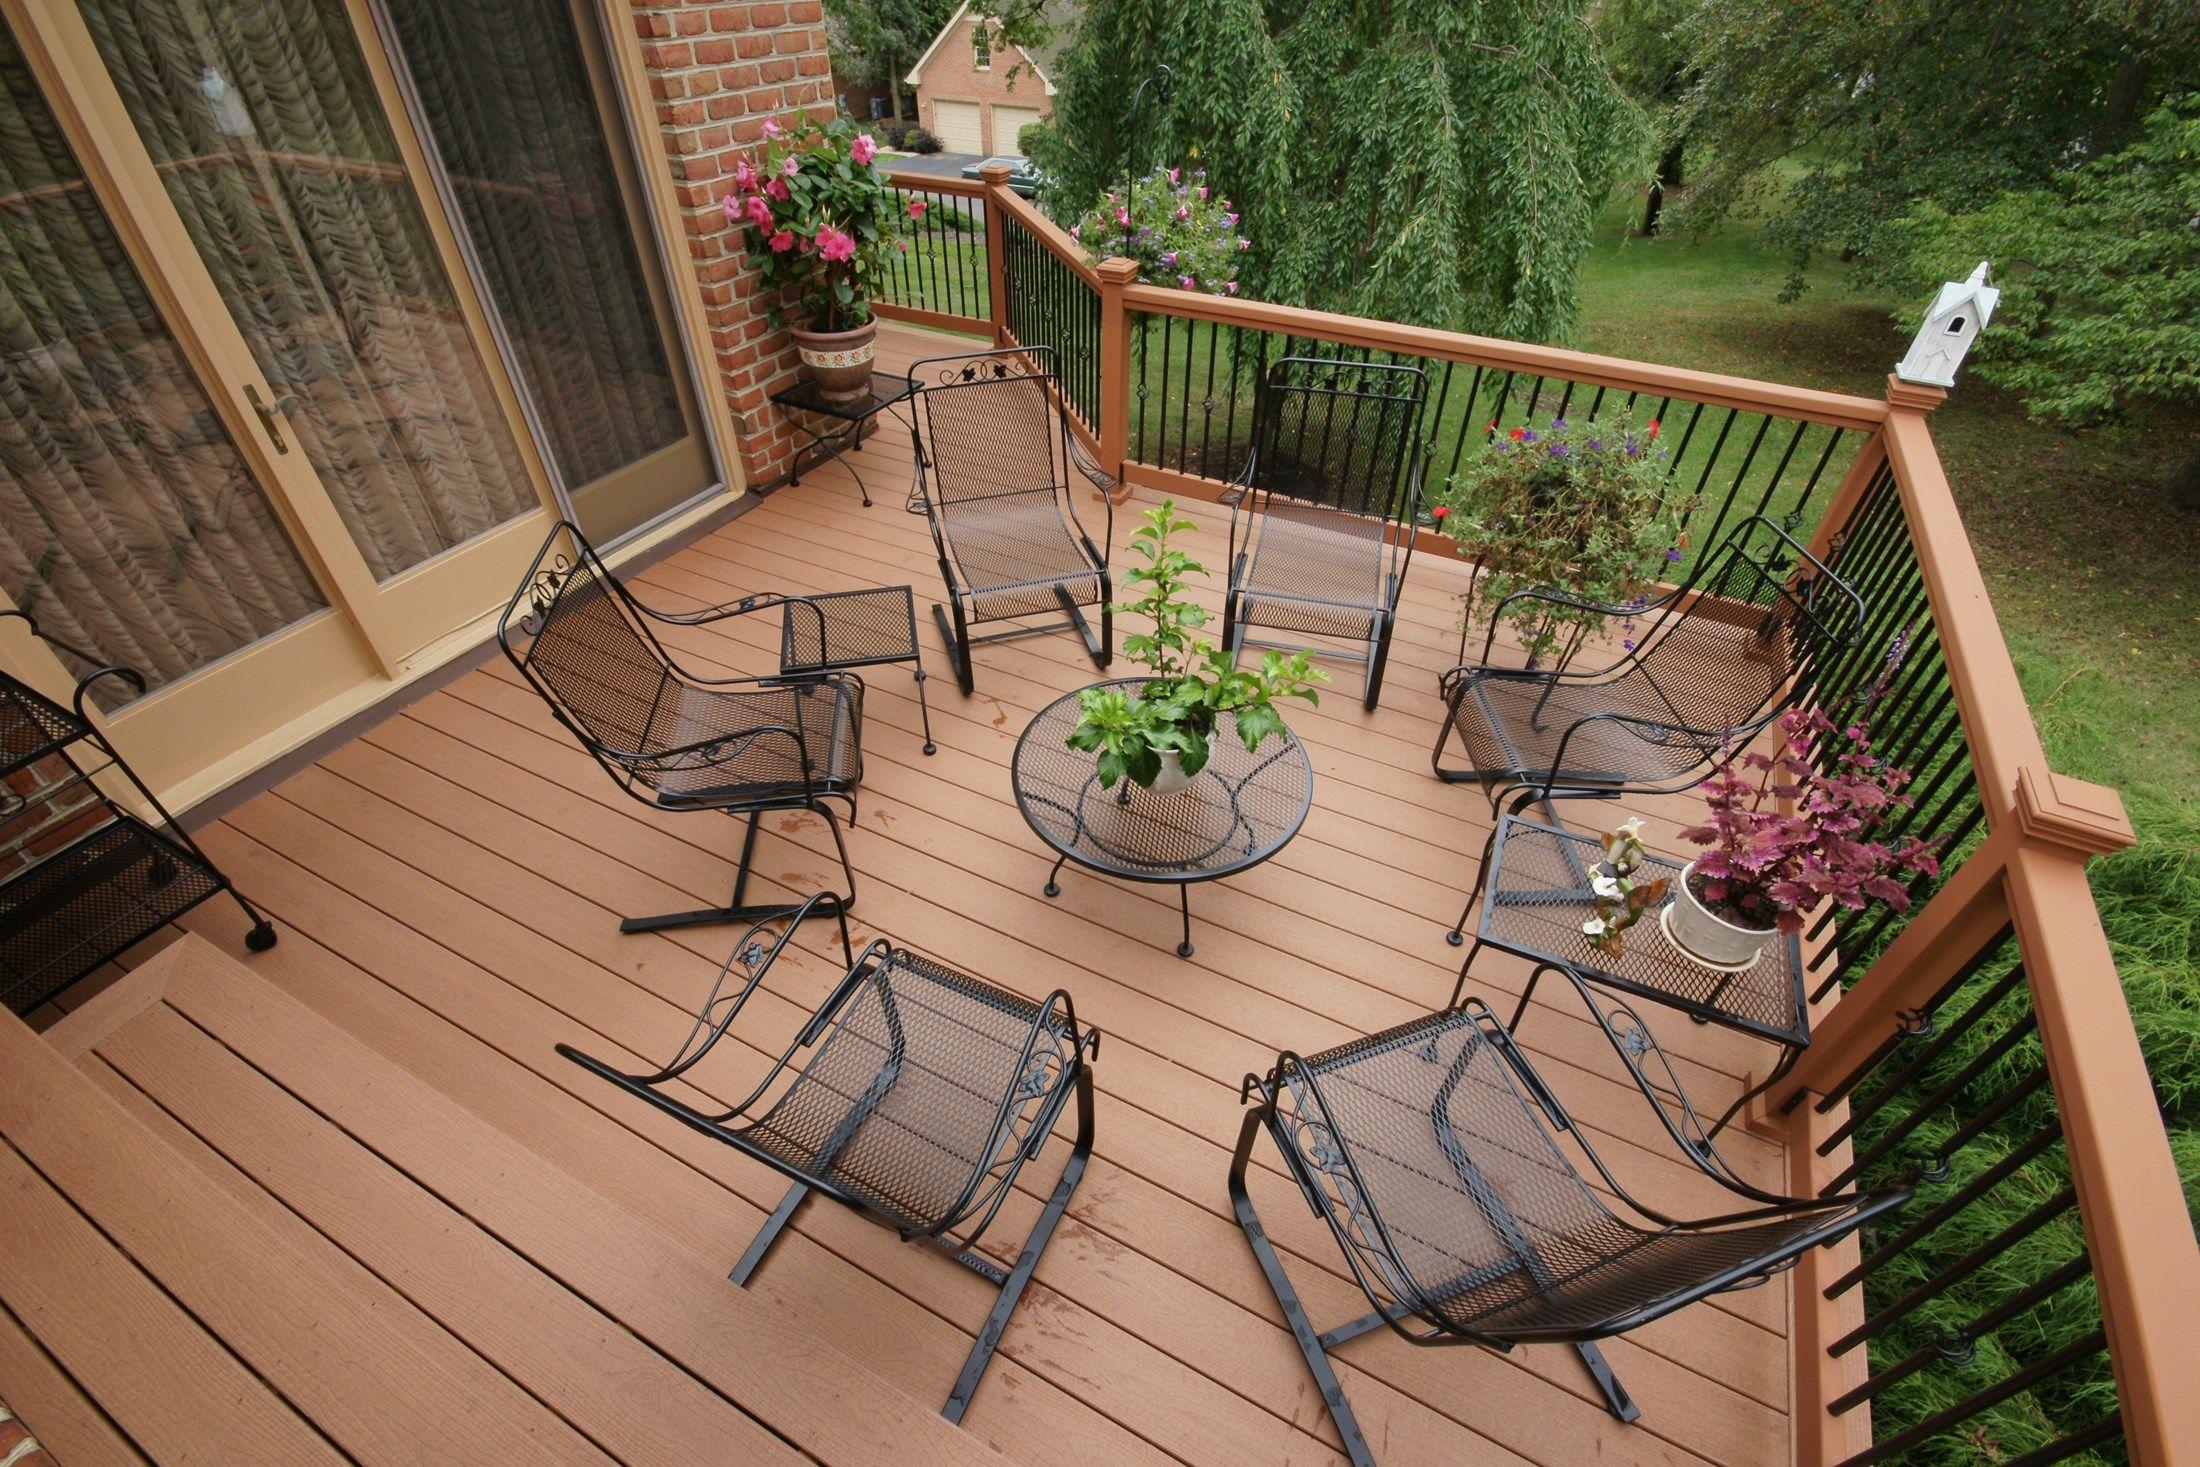 South River Cedar deck - Picture 1504